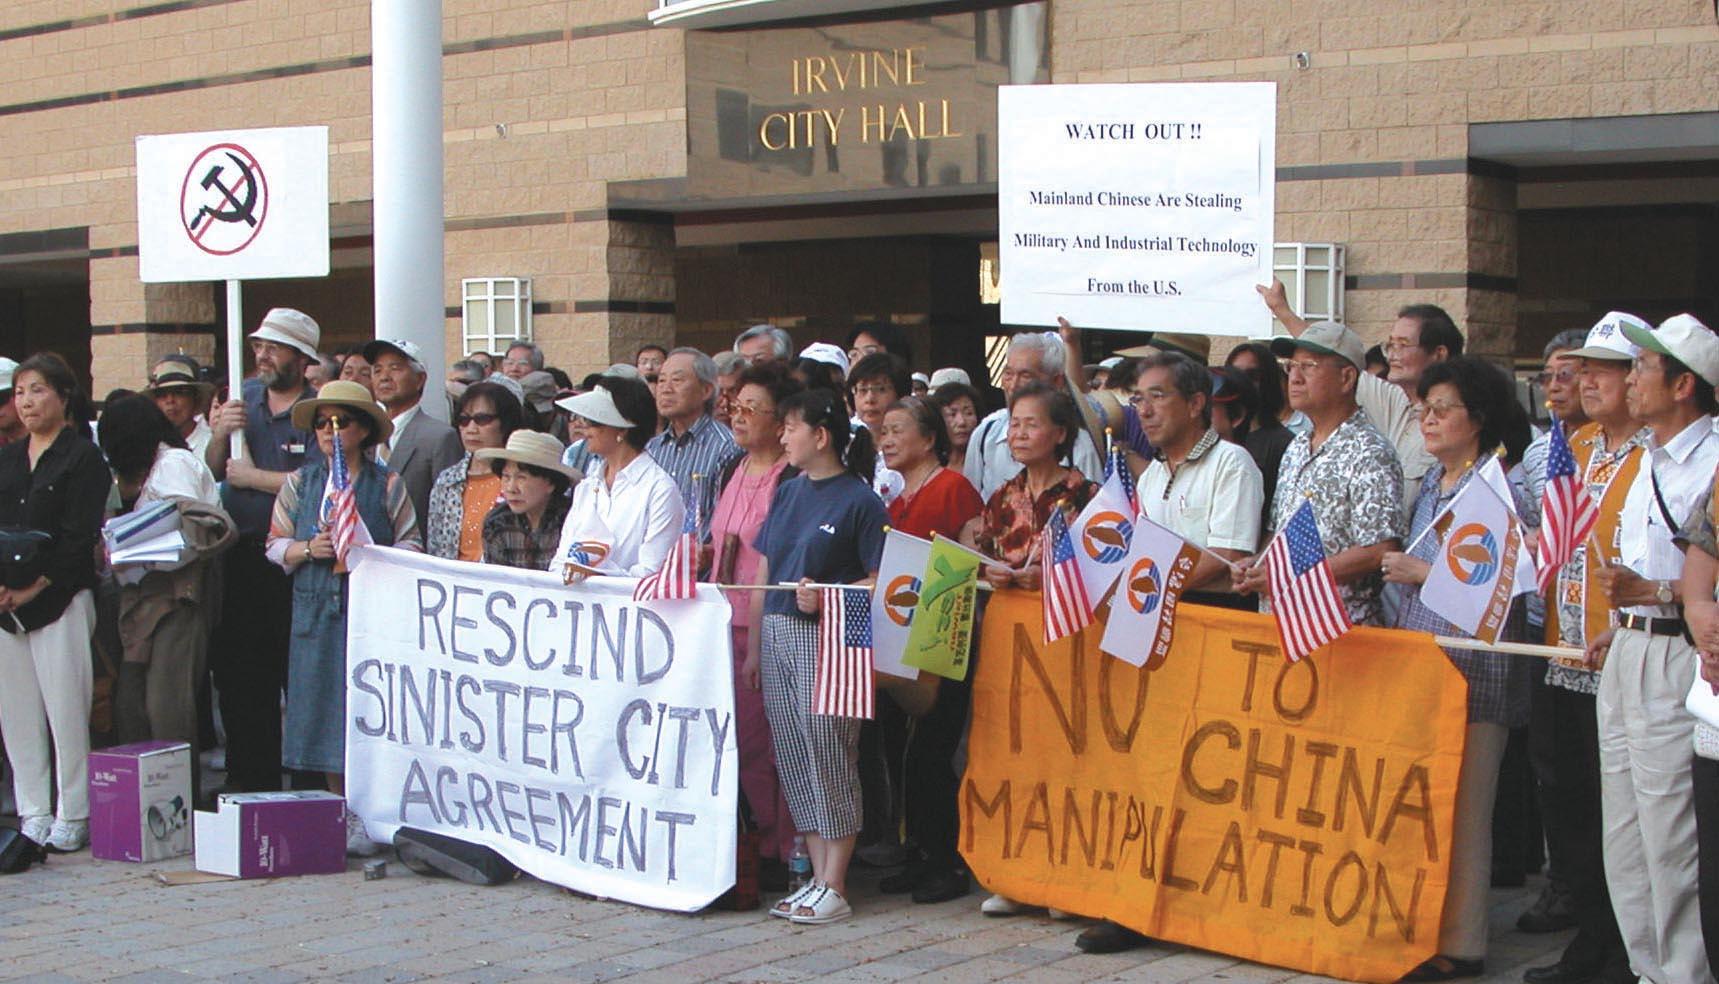 2006年6月27日下午,近400位旅居南加州的台灣移民,為抗議橙縣爾灣市與大陸上海徐匯區簽署姐妹市合約中,遵照中共一方主張,簽署一份承諾「一個中國」原則,及其它條件的附加備忘錄,在市政府廣場舉行抗議活動。(袁玫/大紀元)